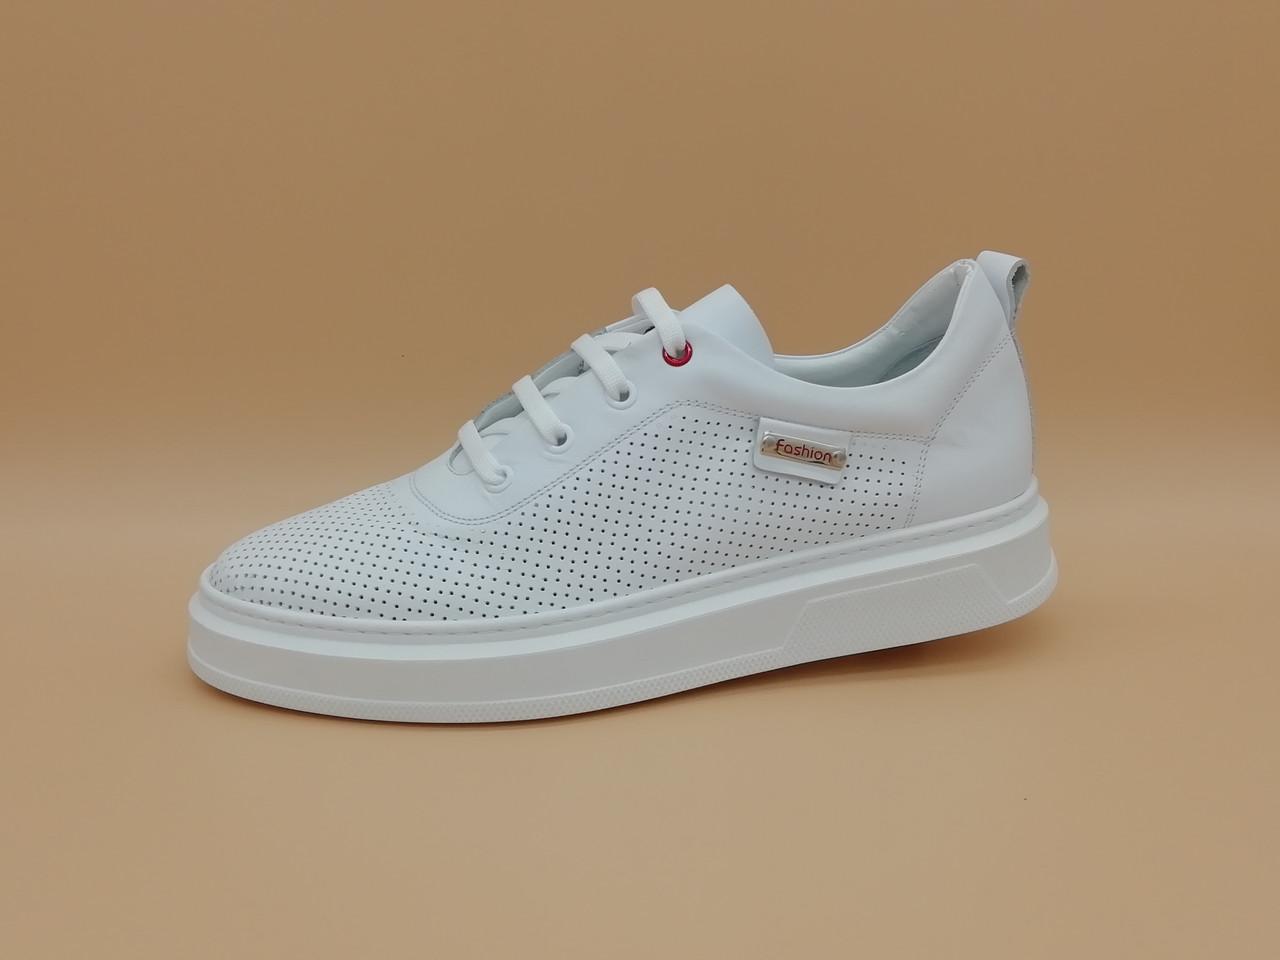 Белые кожаные кроссовки с перфорацией. Турция. Большие размеры (41 - 44).